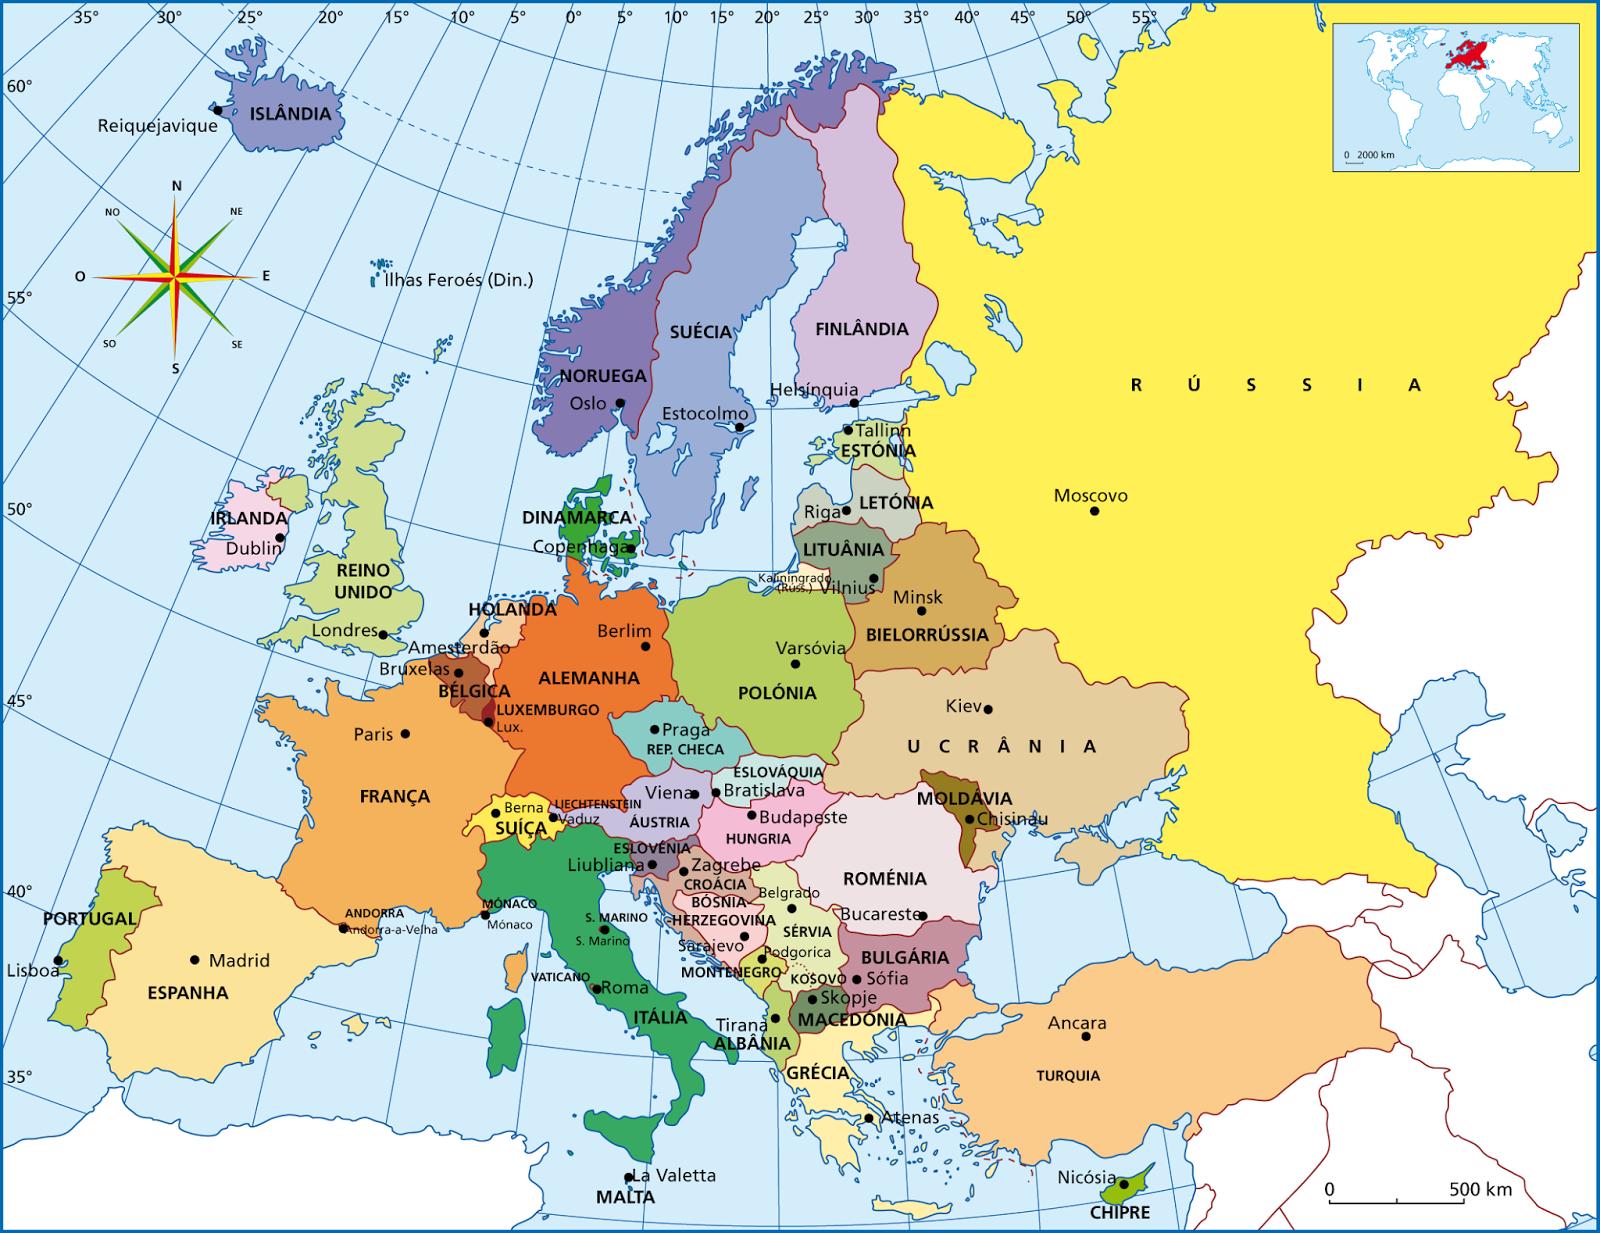 Mapa politico da Europa